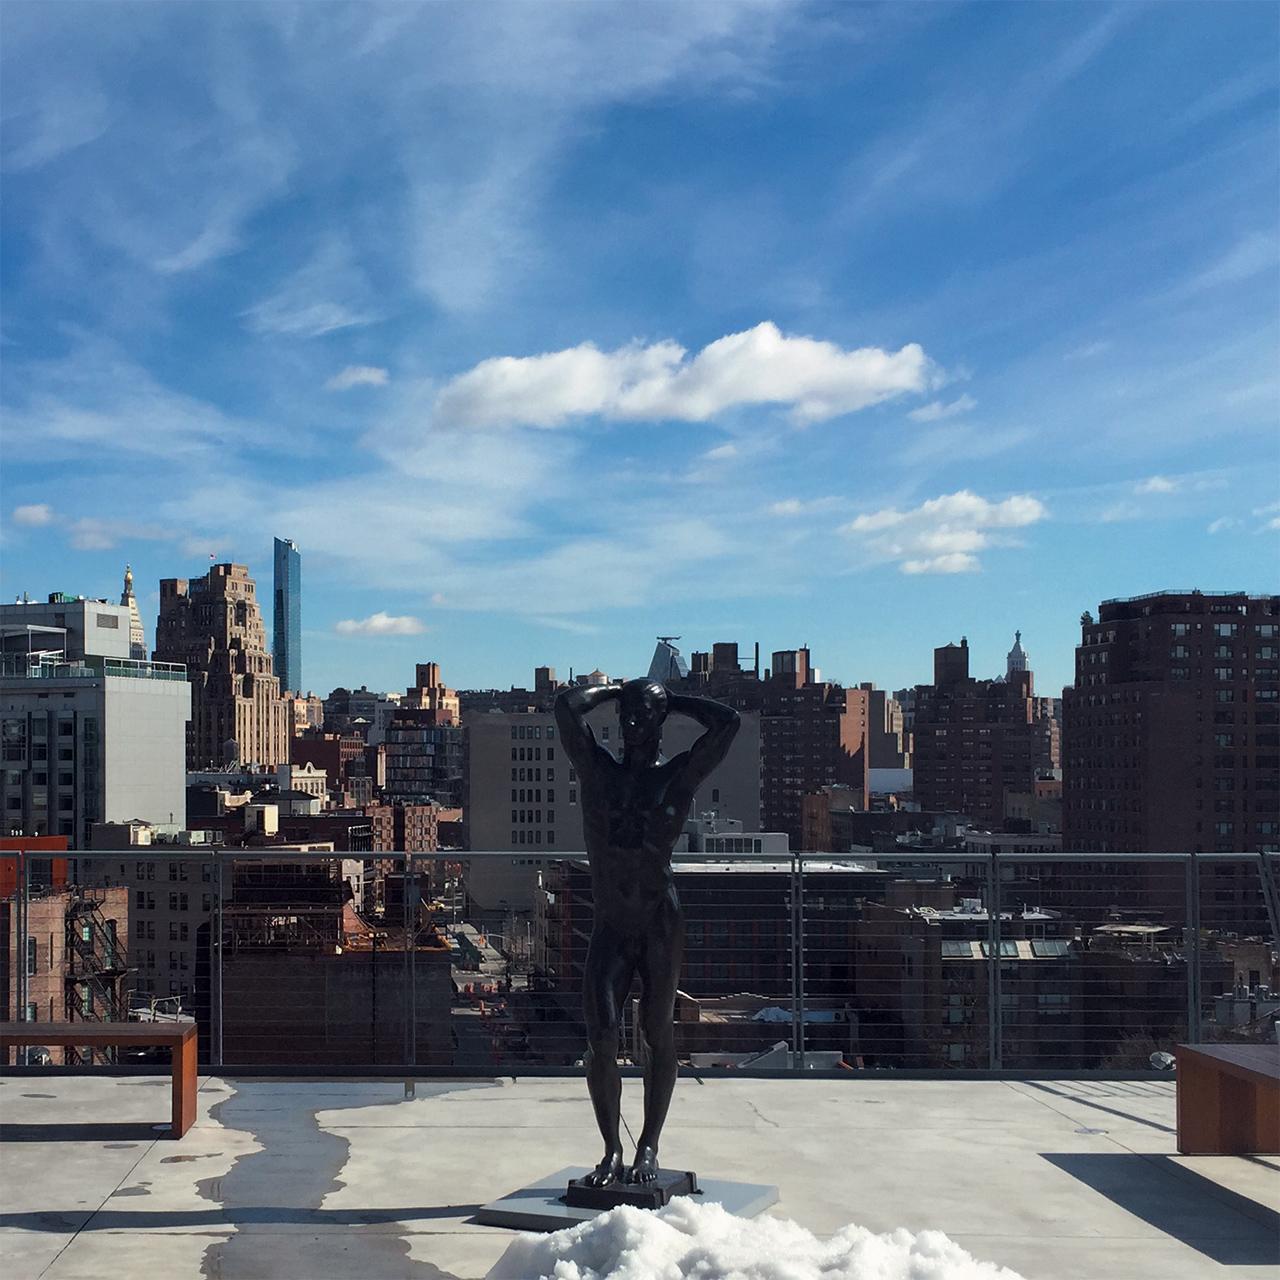 휘트니 뮤지엄에서 바라본 화창한 뉴욕의 모습